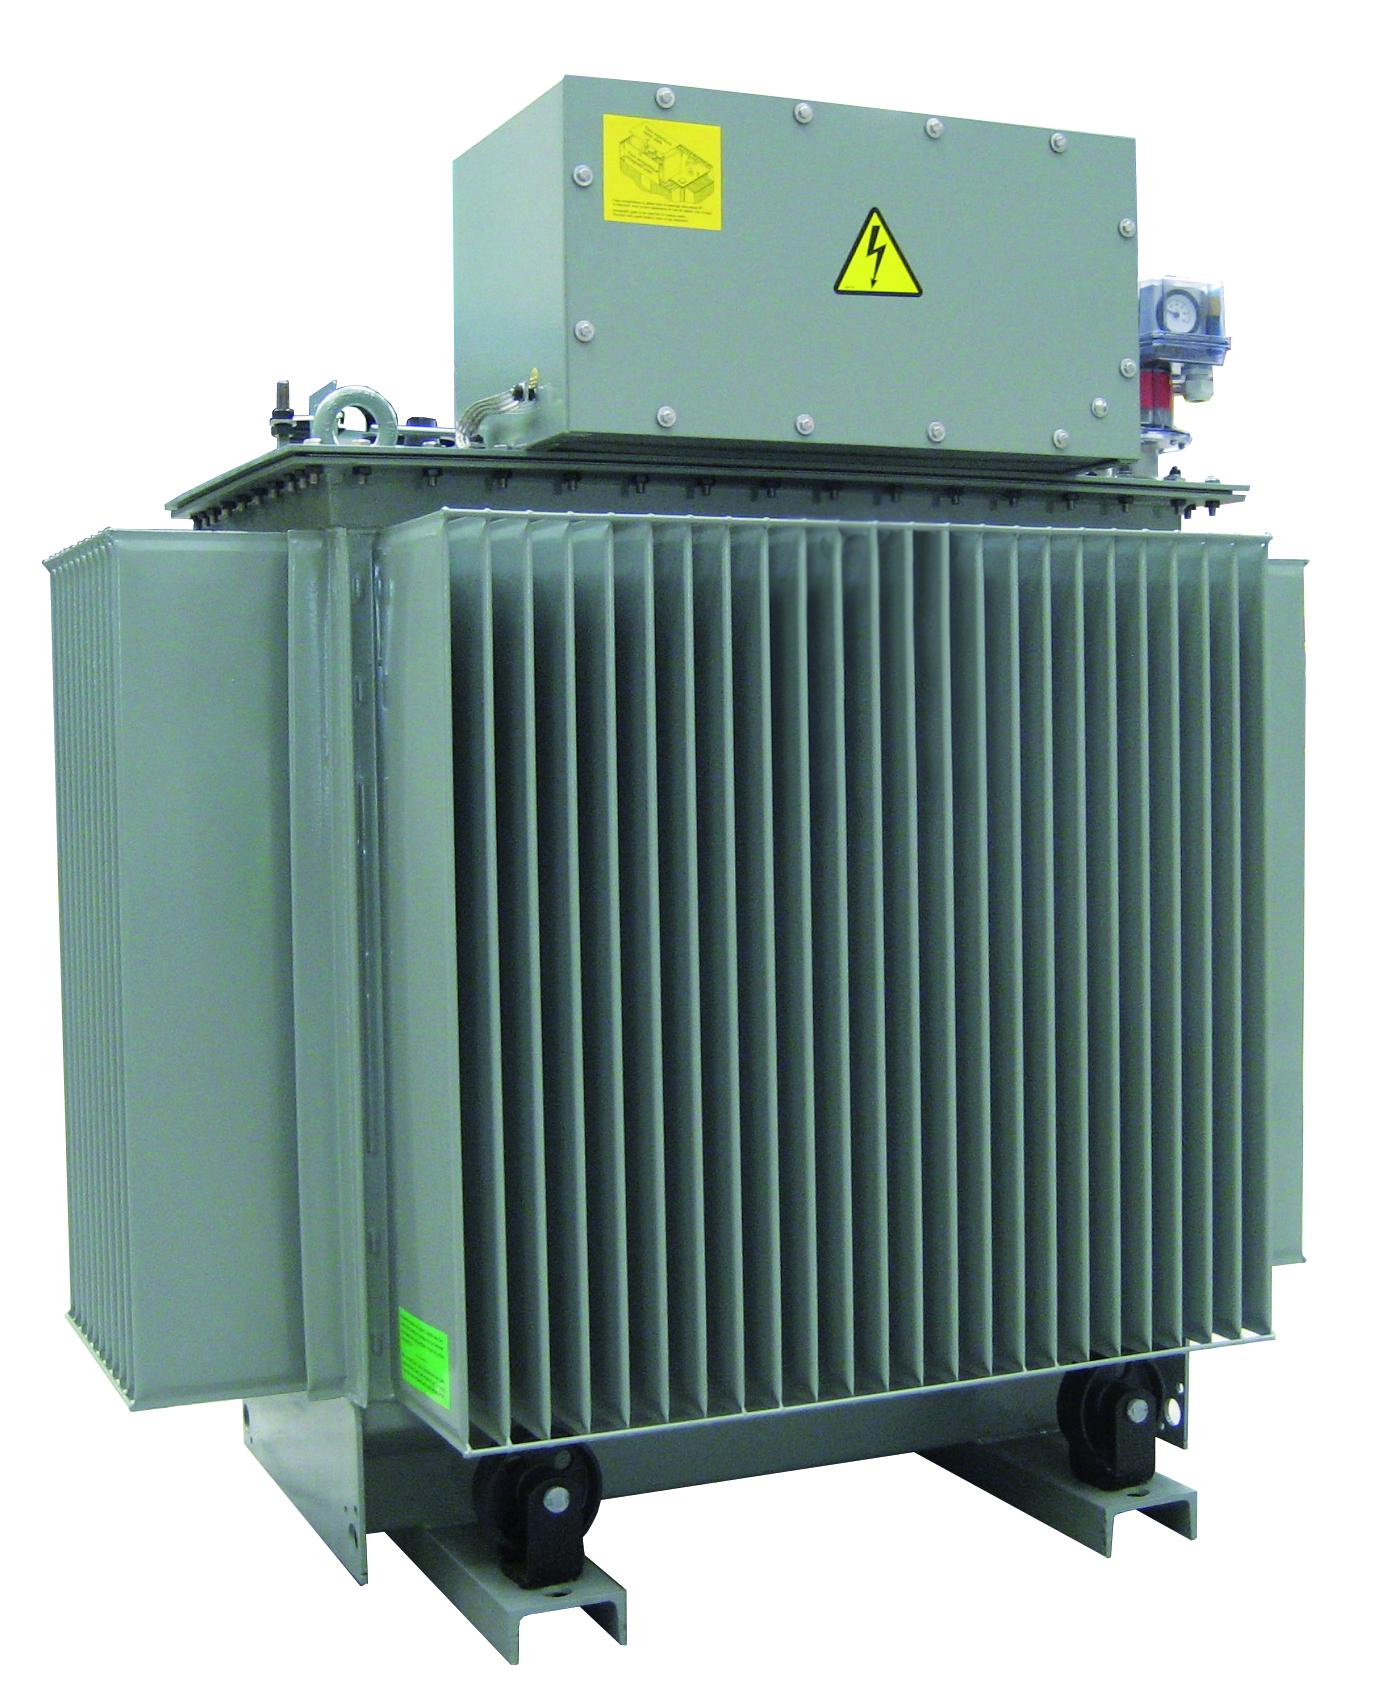 Ökodesign-Verordnung: Reduzierte Energieverluste für Transformatoren ab 1. Juli